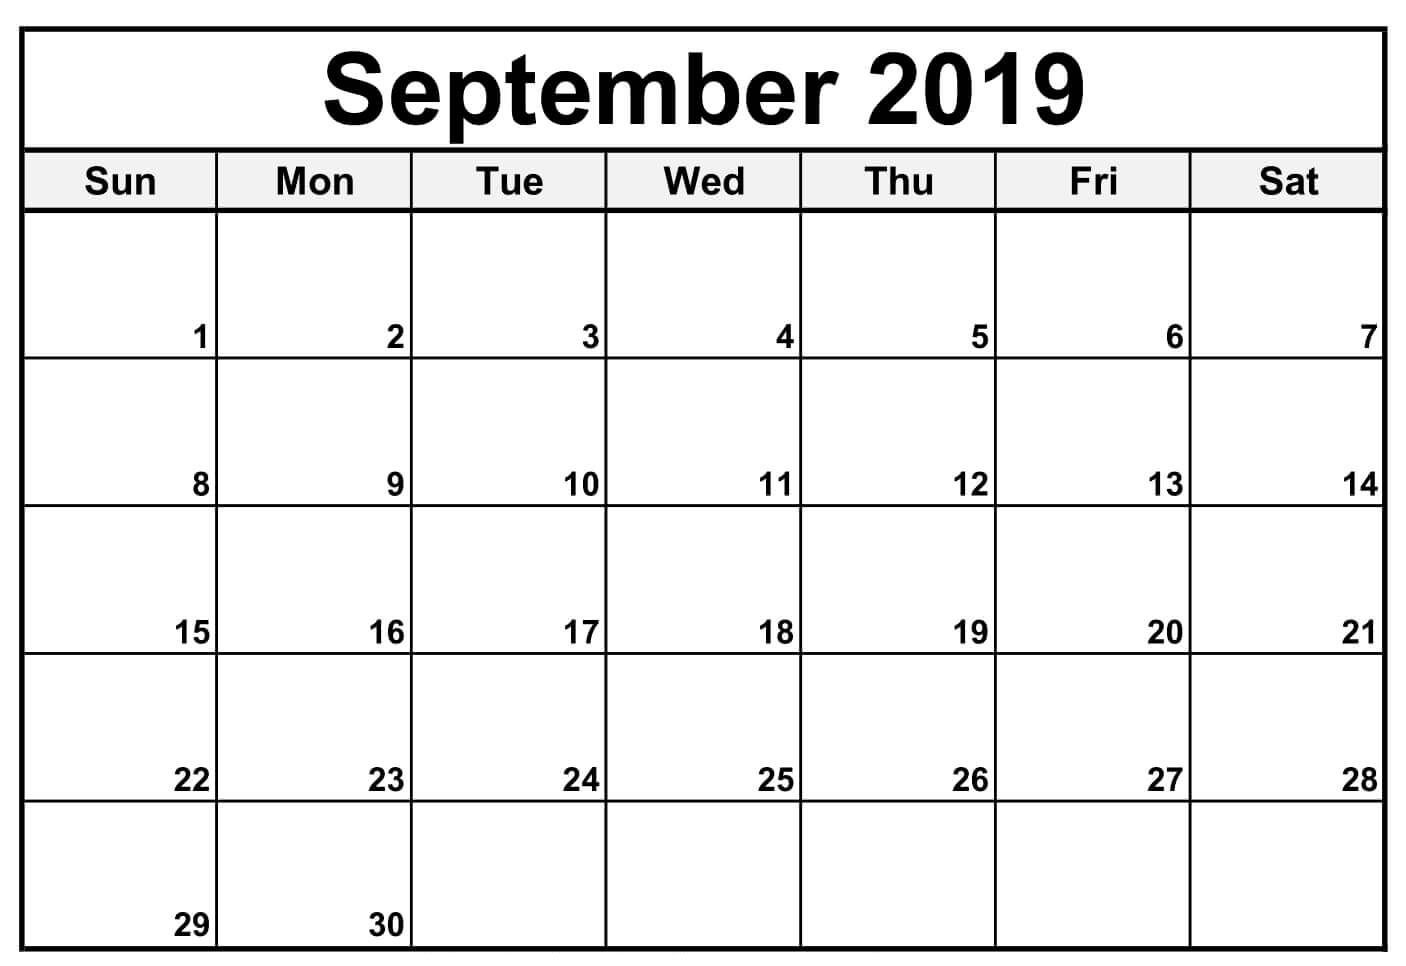 Free Printable September 2019 Calendar Download For Excel